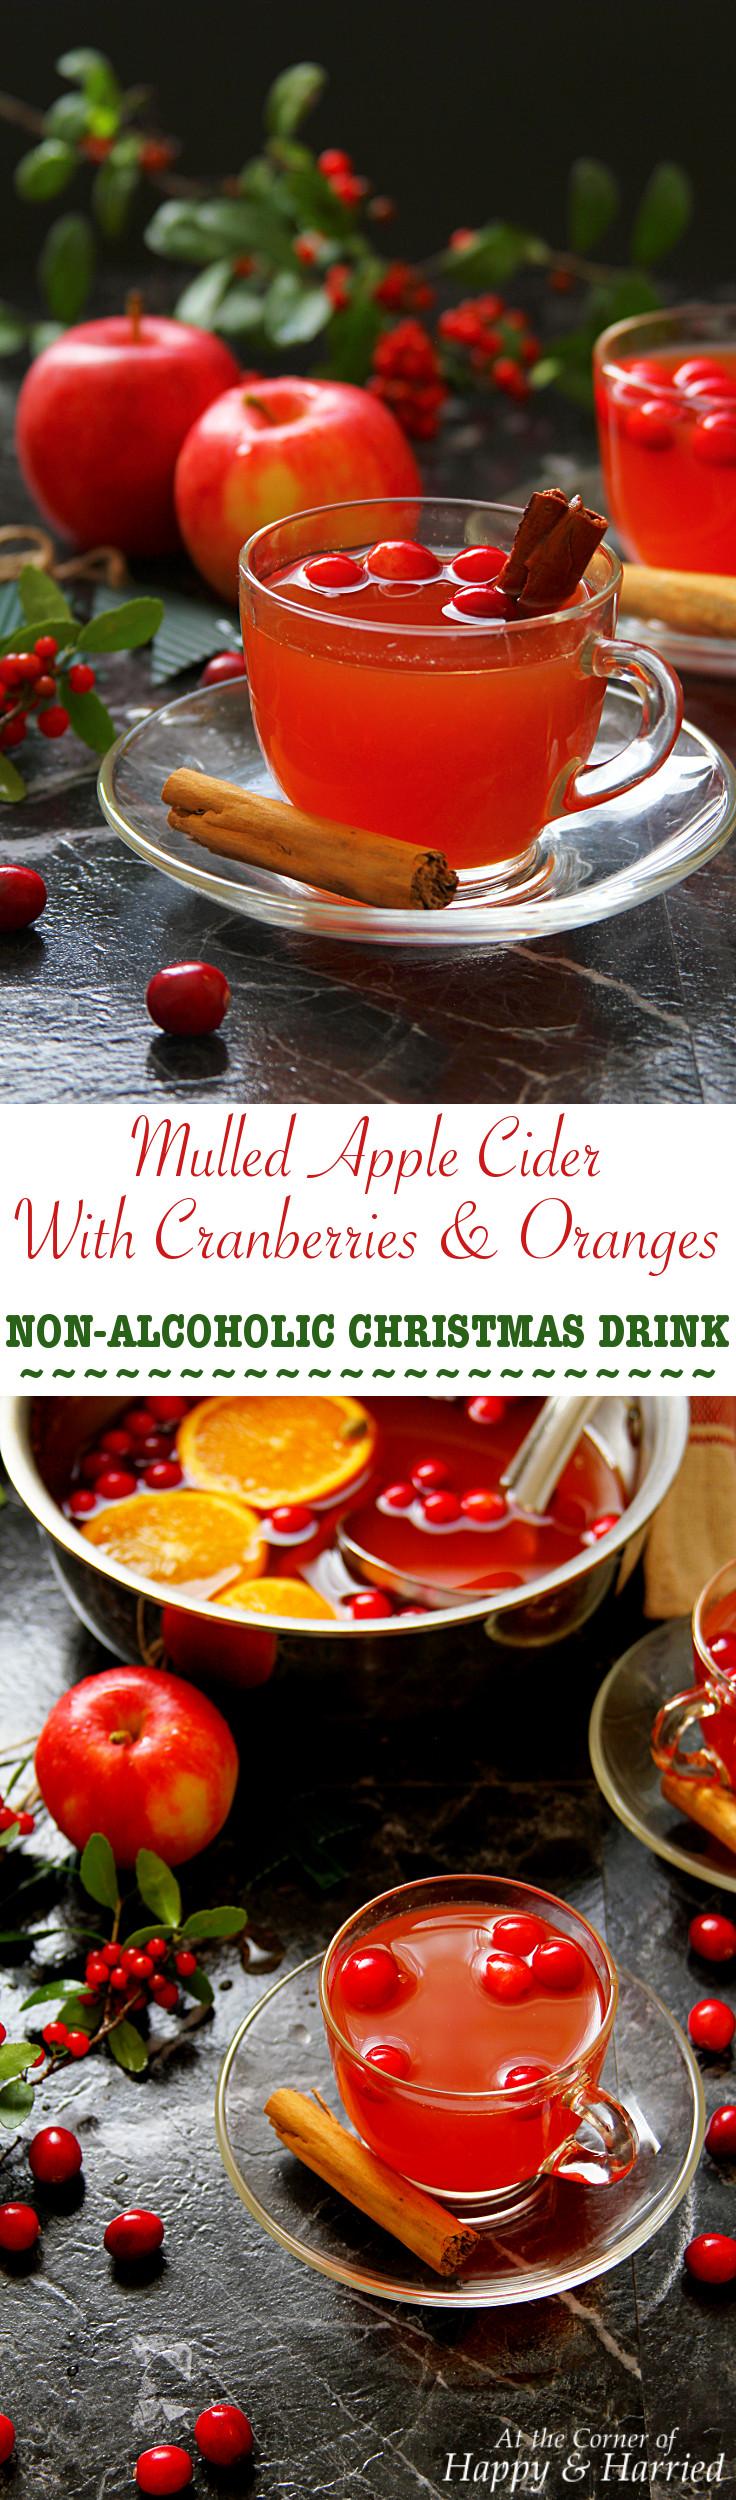 mulled apple cider with cranberries oranges. Black Bedroom Furniture Sets. Home Design Ideas